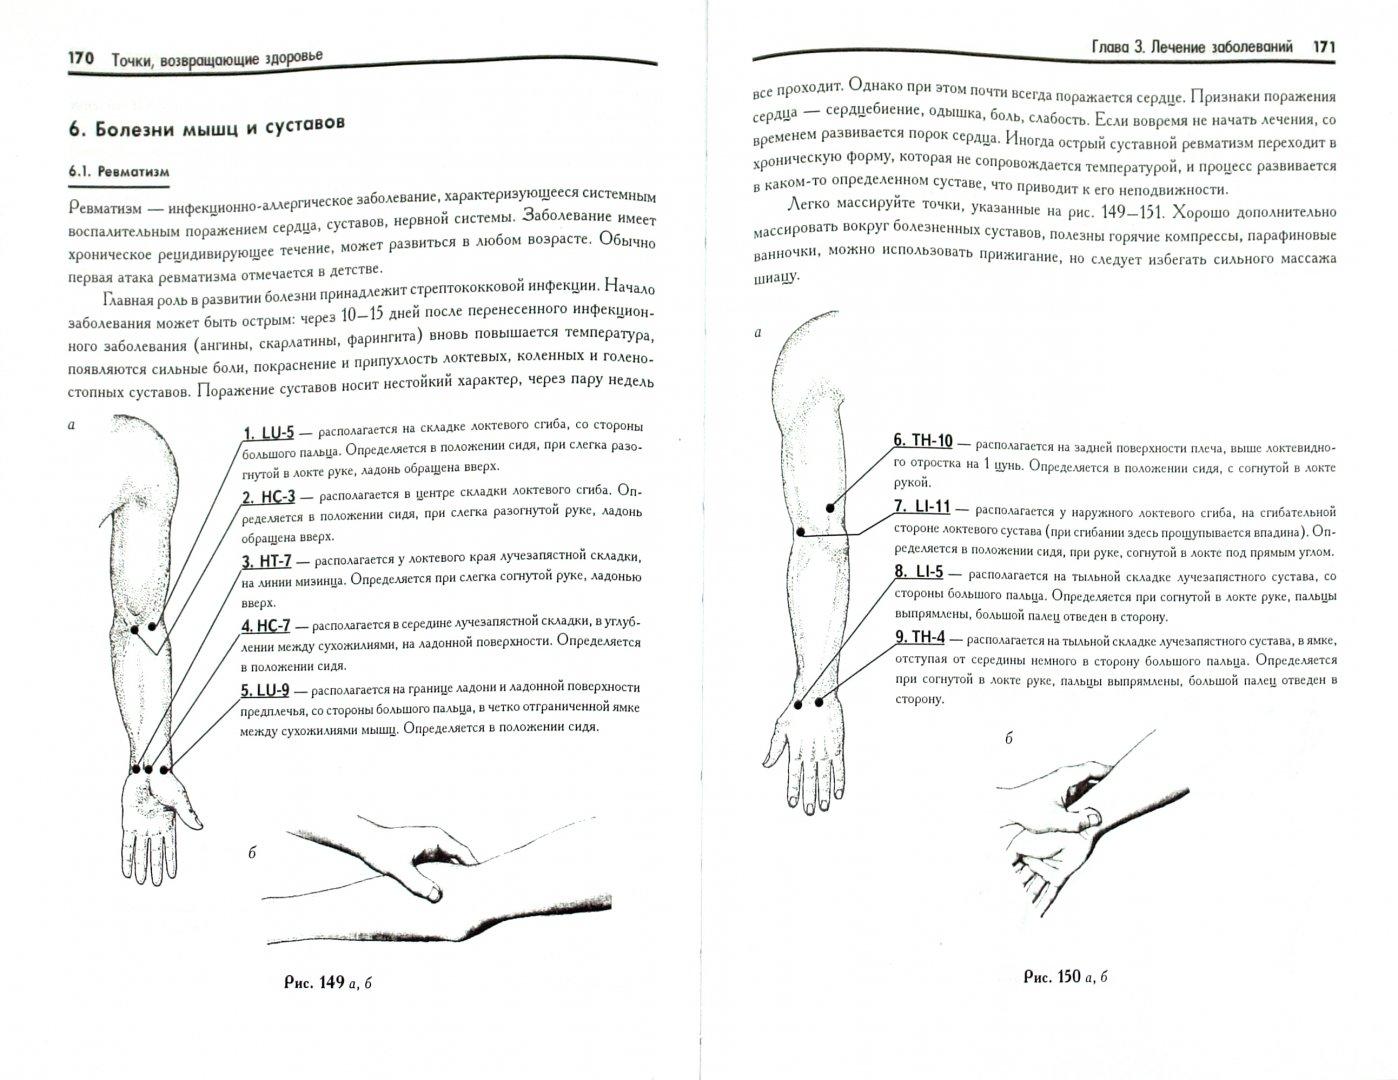 Иллюстрация 1 из 16 для Точки, возвращающие здоровье - Простакова, Щеболева | Лабиринт - книги. Источник: Лабиринт